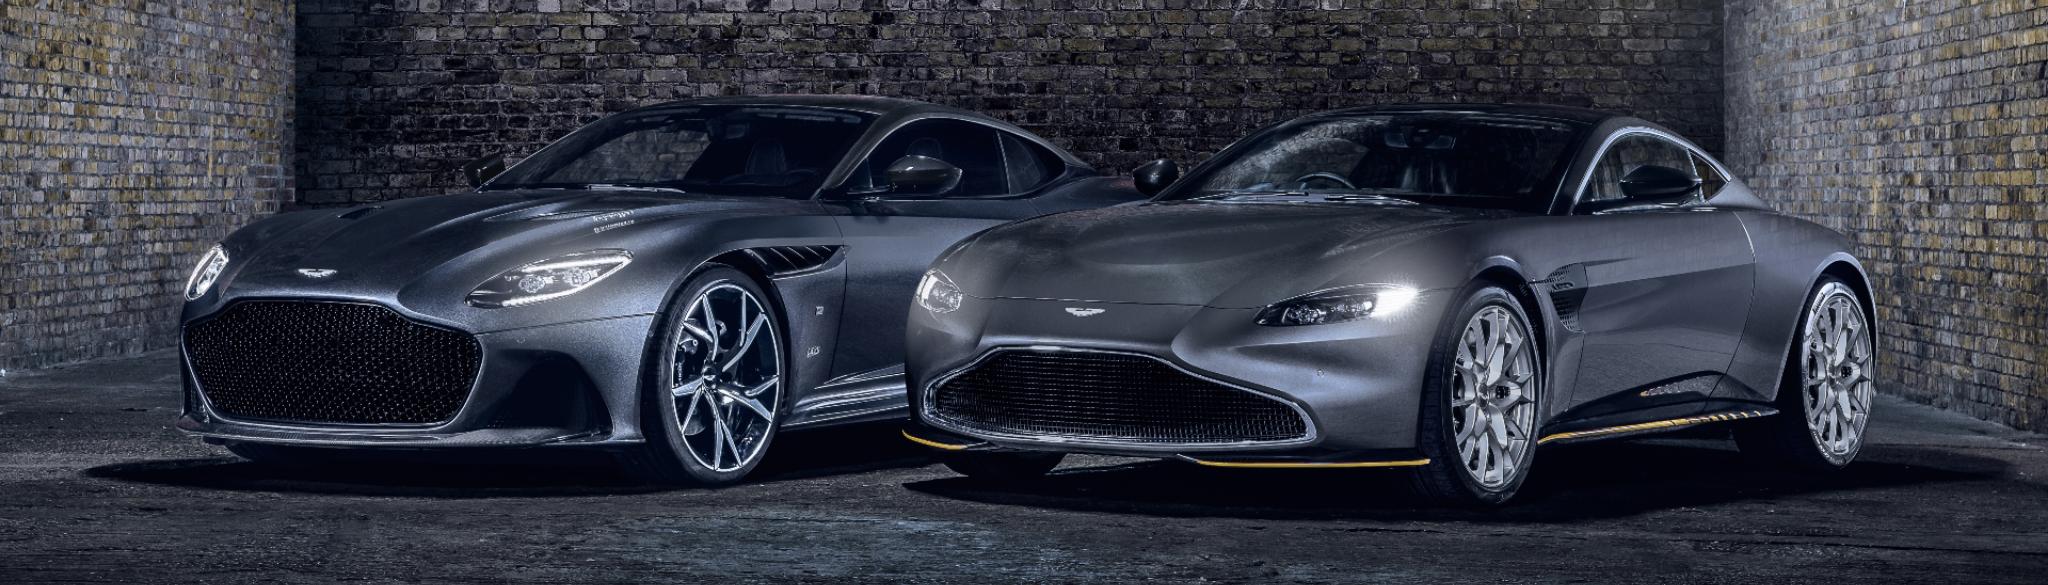 007 Bond Edition Aston DBS Superleggera And Vantage